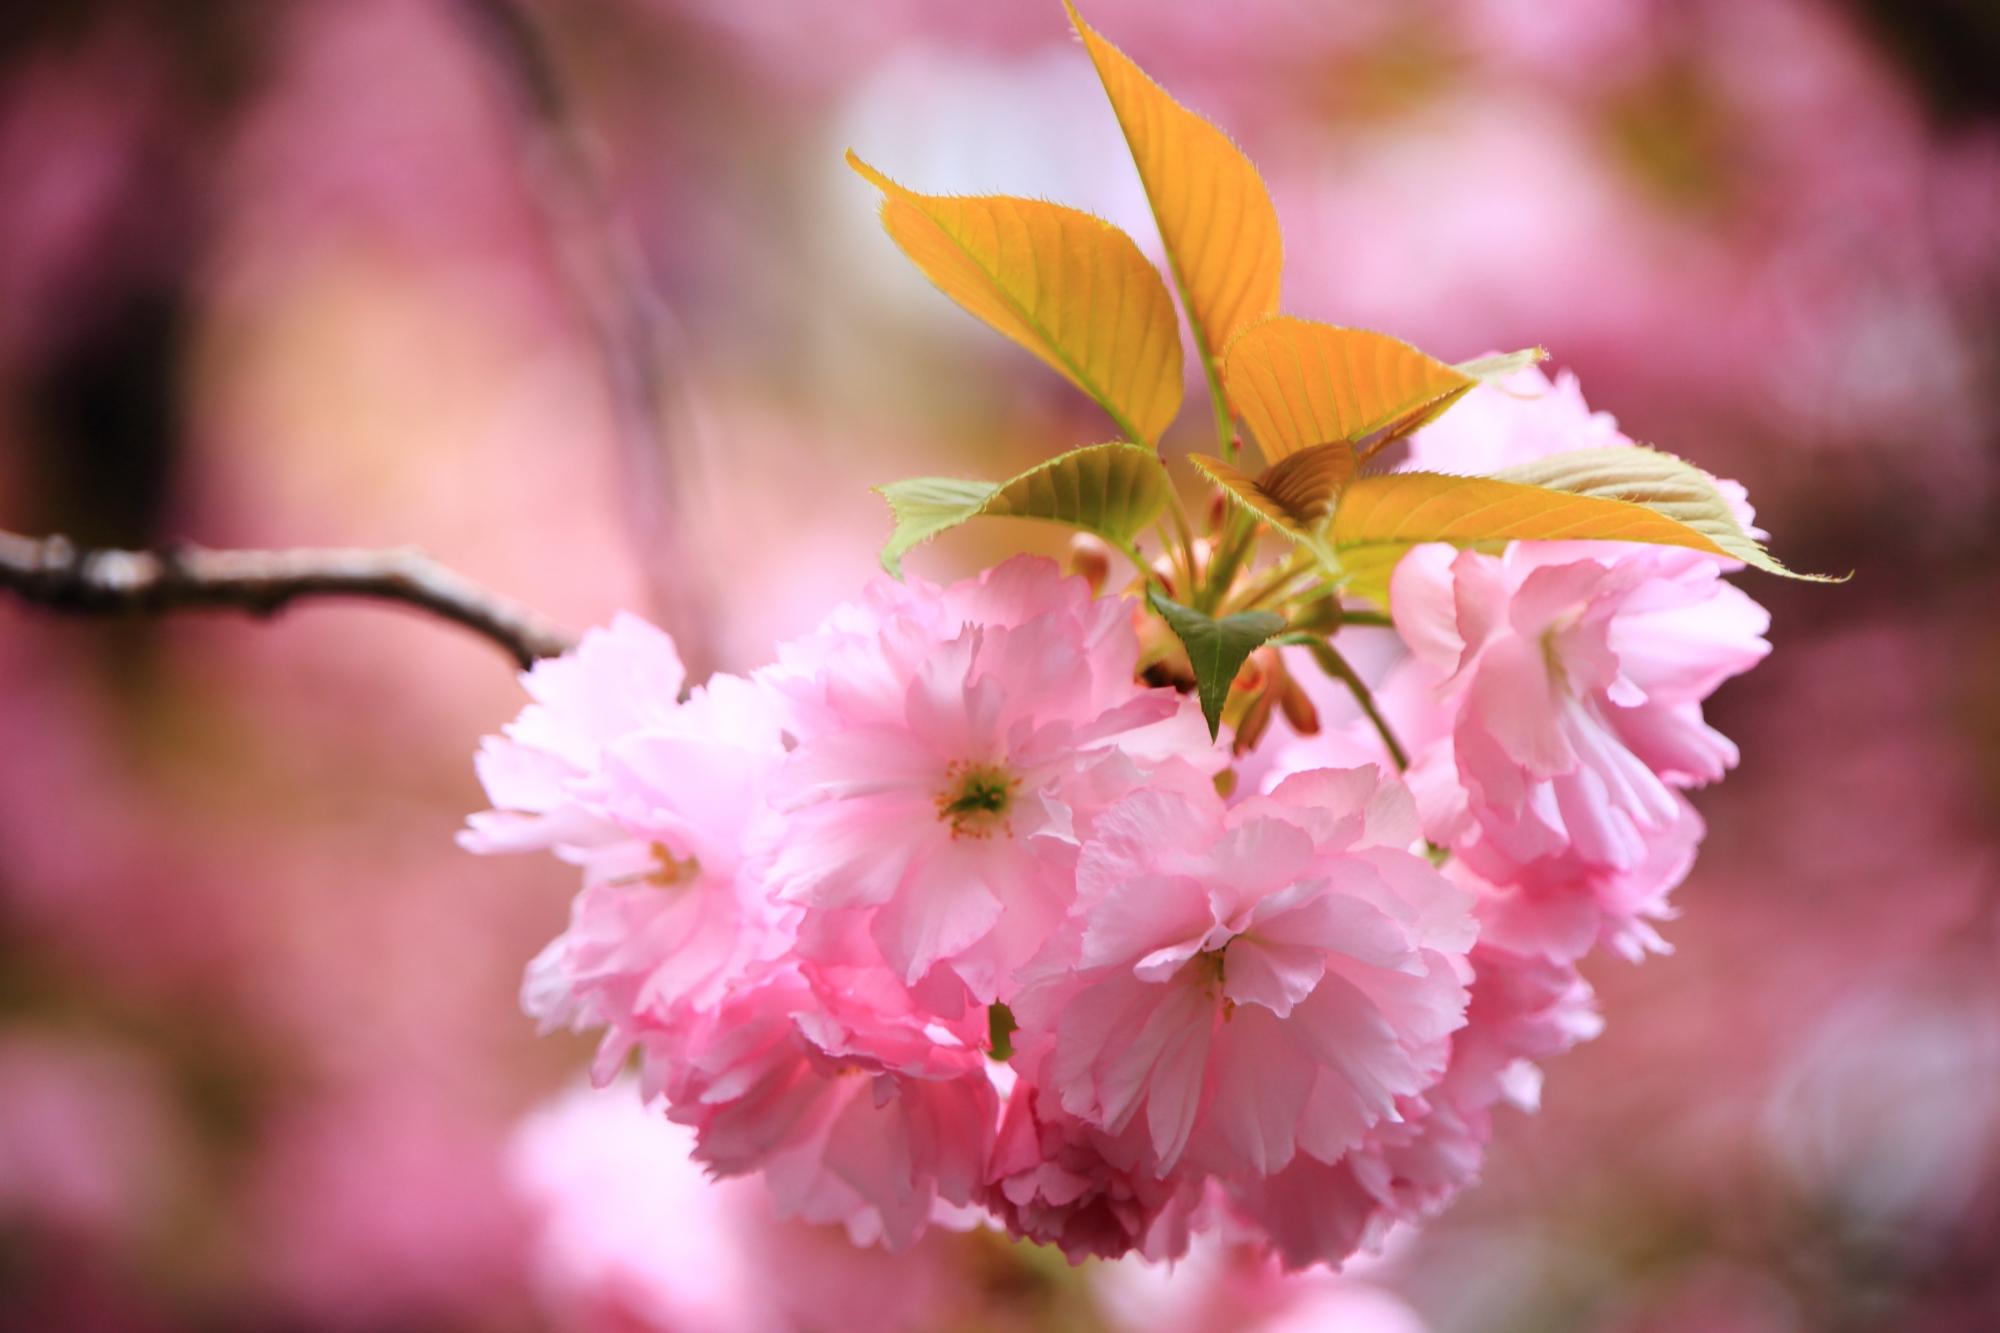 葉が出る種類の八重桜(里桜)